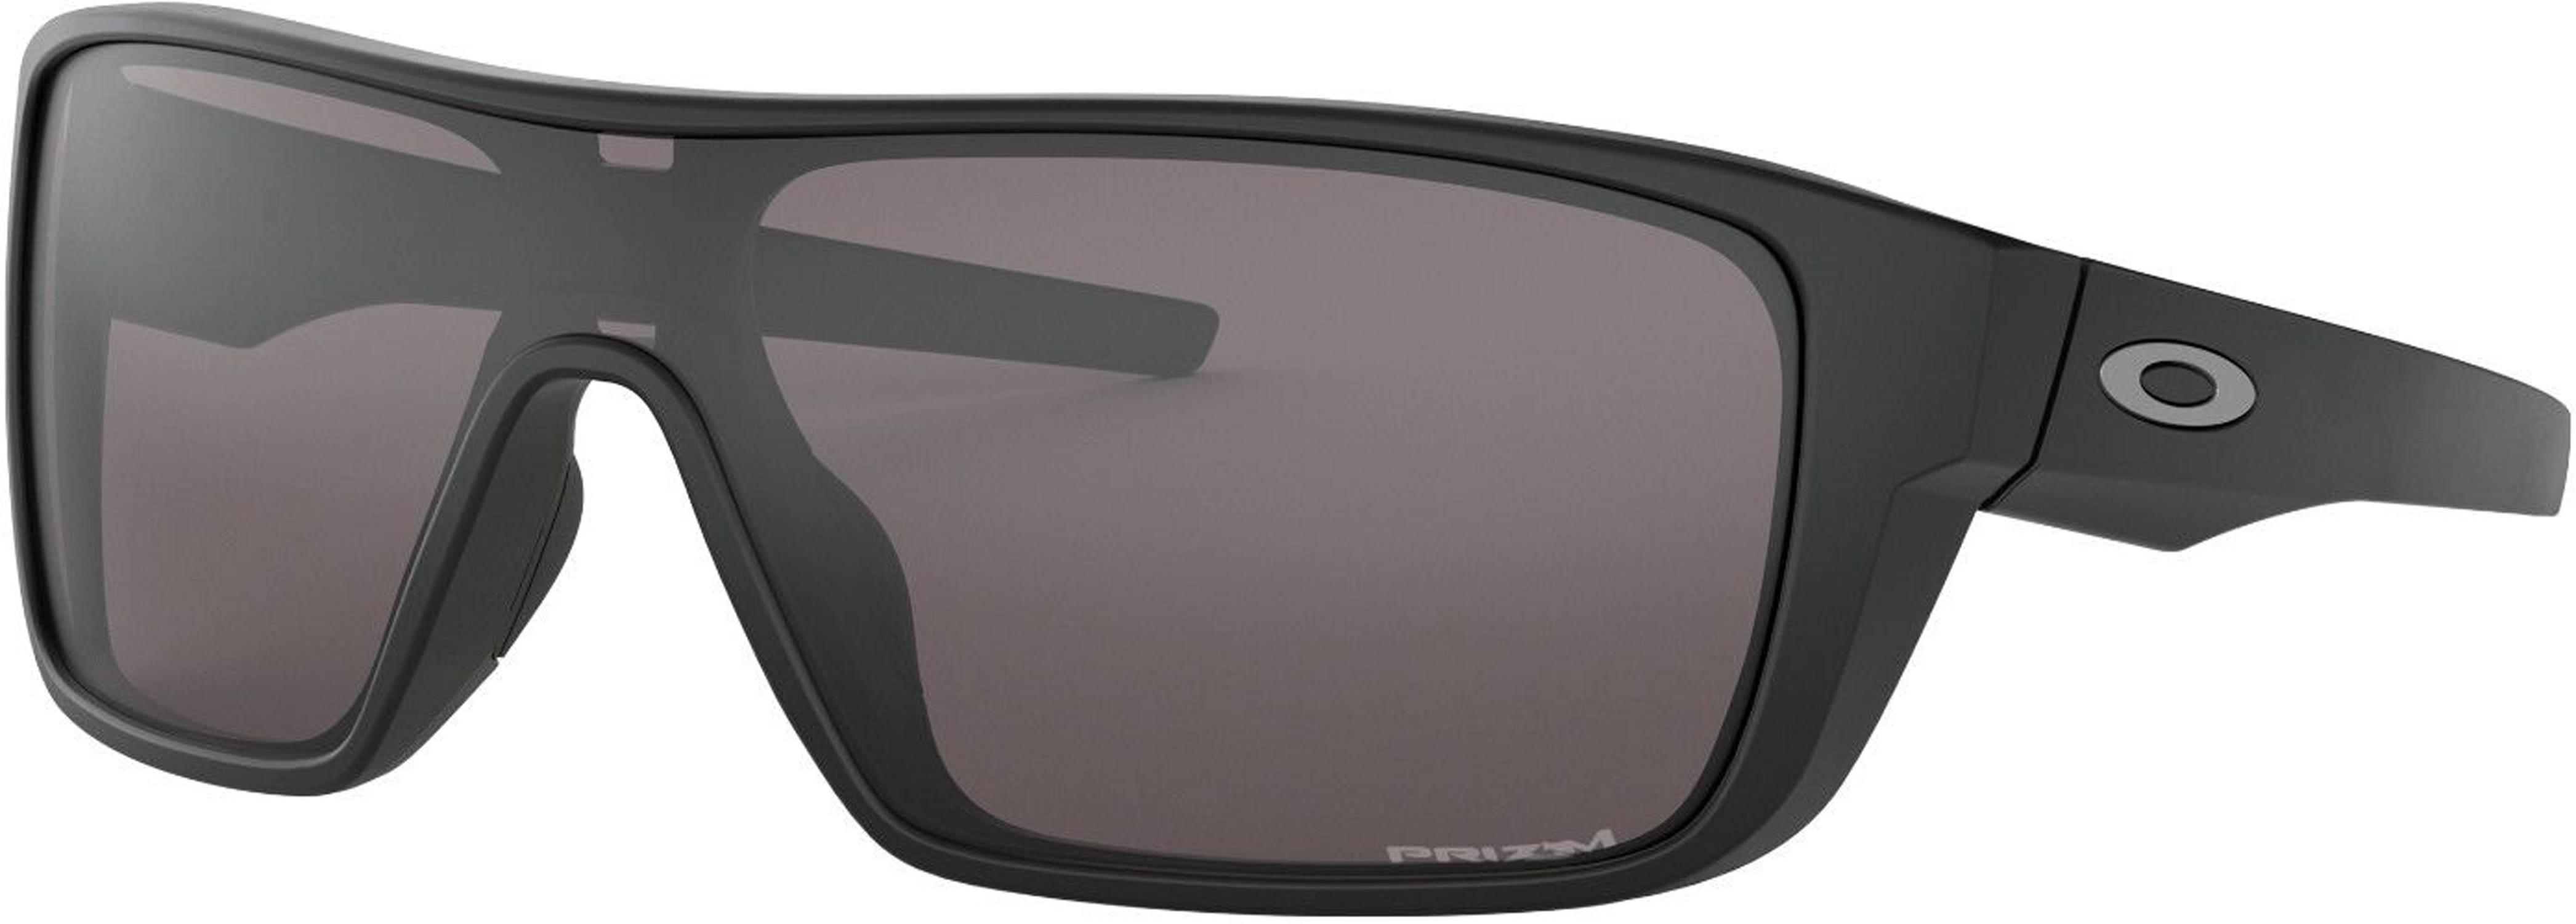 6835e415bb Oakley Straightback Sunglasses - thumbnail 1